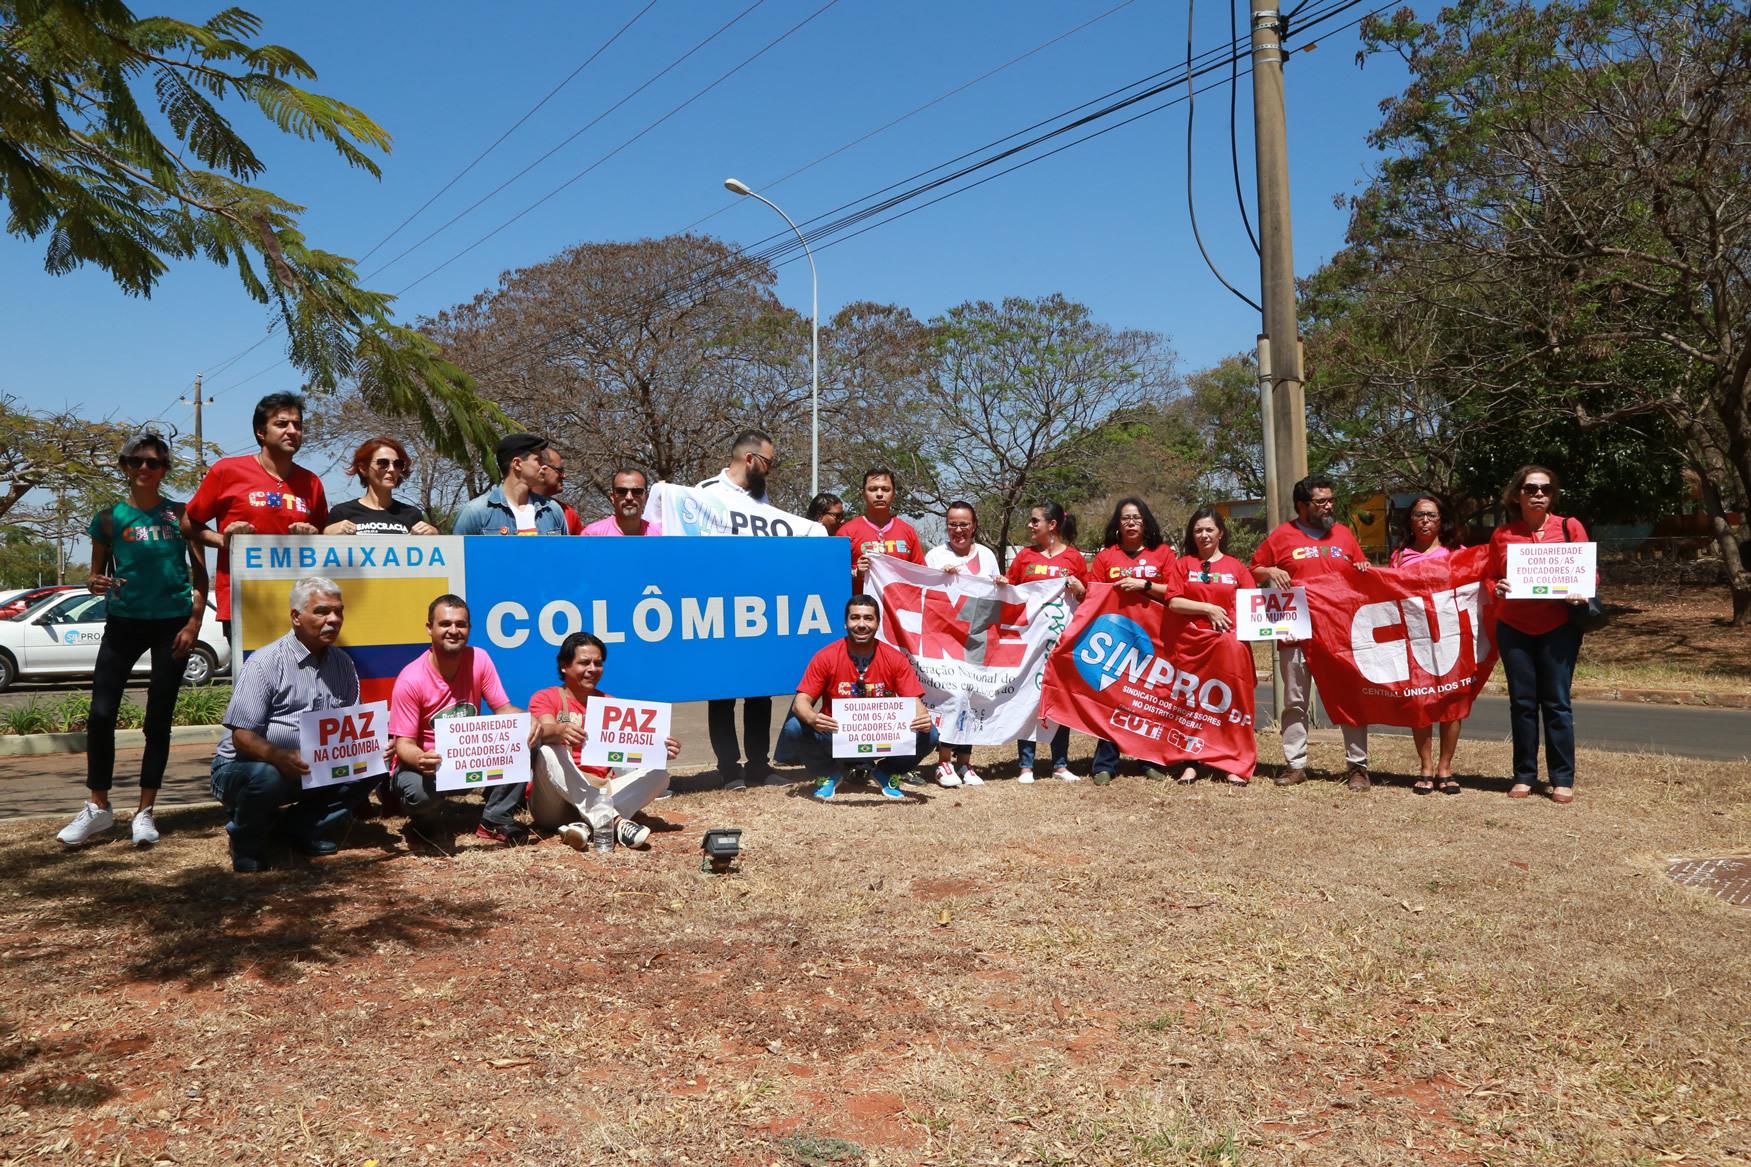 2019.09.12-Ato-Embaixada-Colombia_fotos-ECOM-29